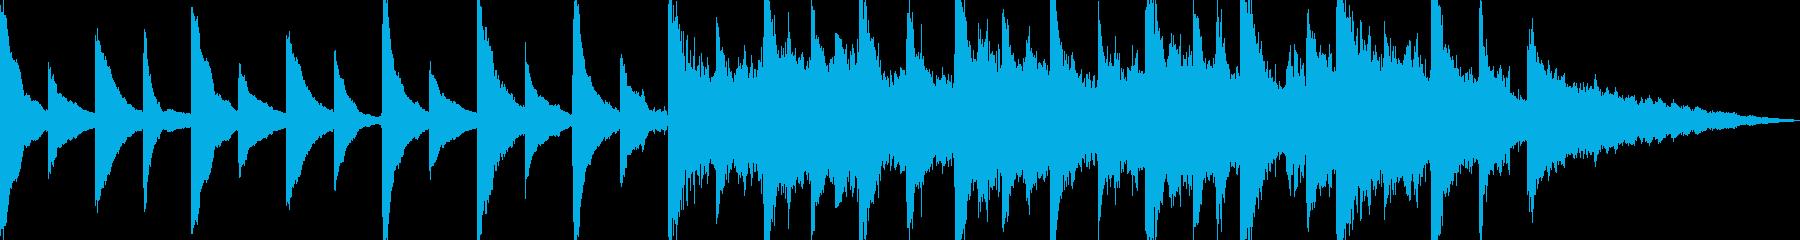 【ピアノ】優しいジングル曲の再生済みの波形